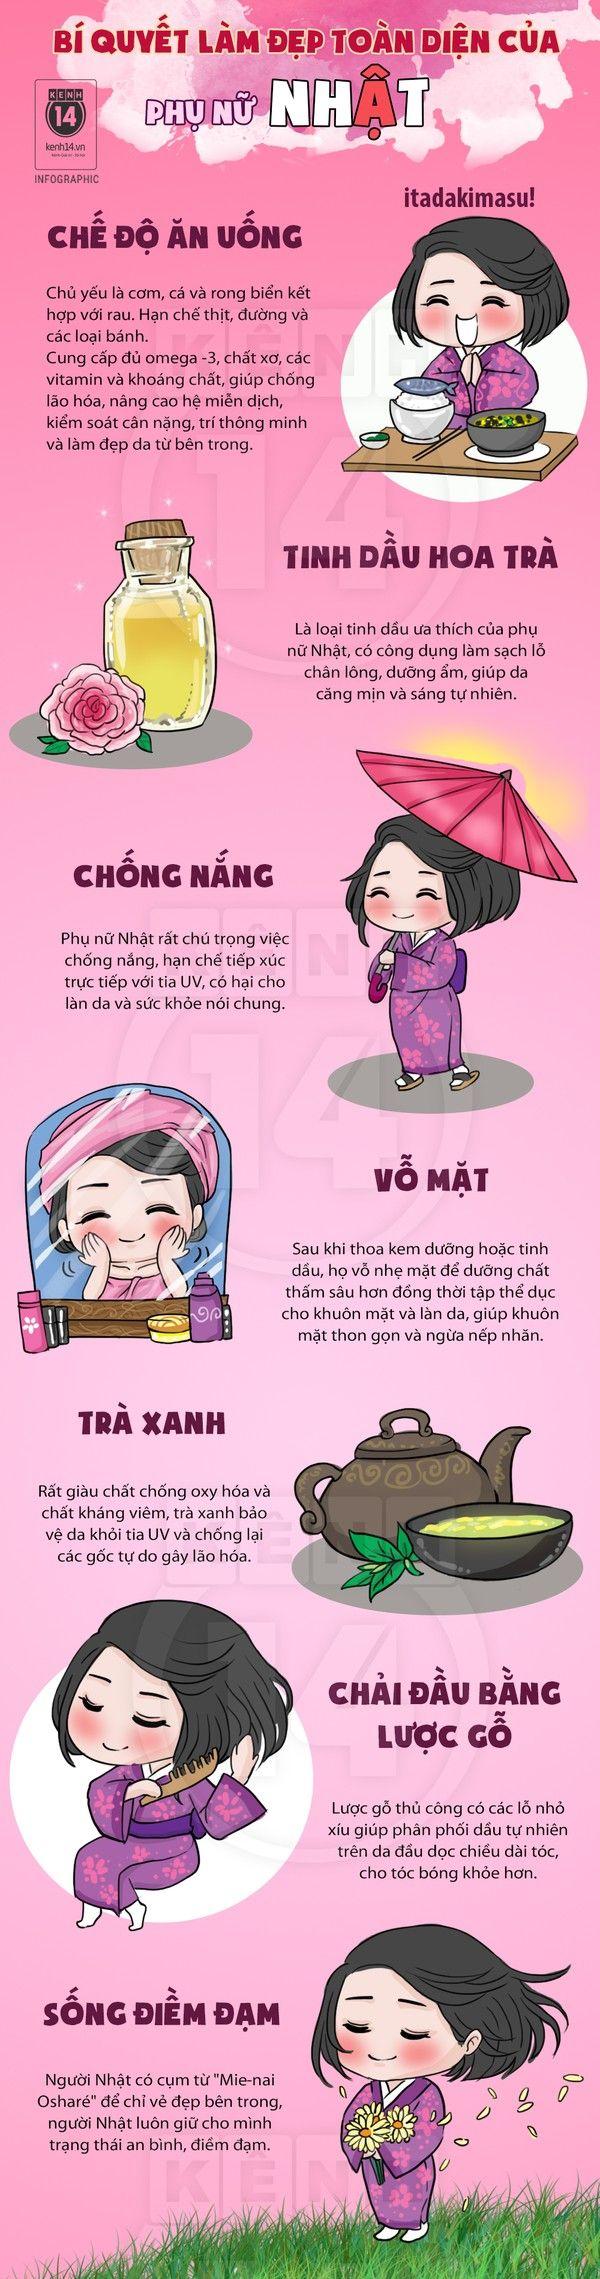 Nhung Bi Quyet Lam Trang Da Tu Cac Phu Nu Nhat Ma Ban Khong Nen TopLayout BookInfographic